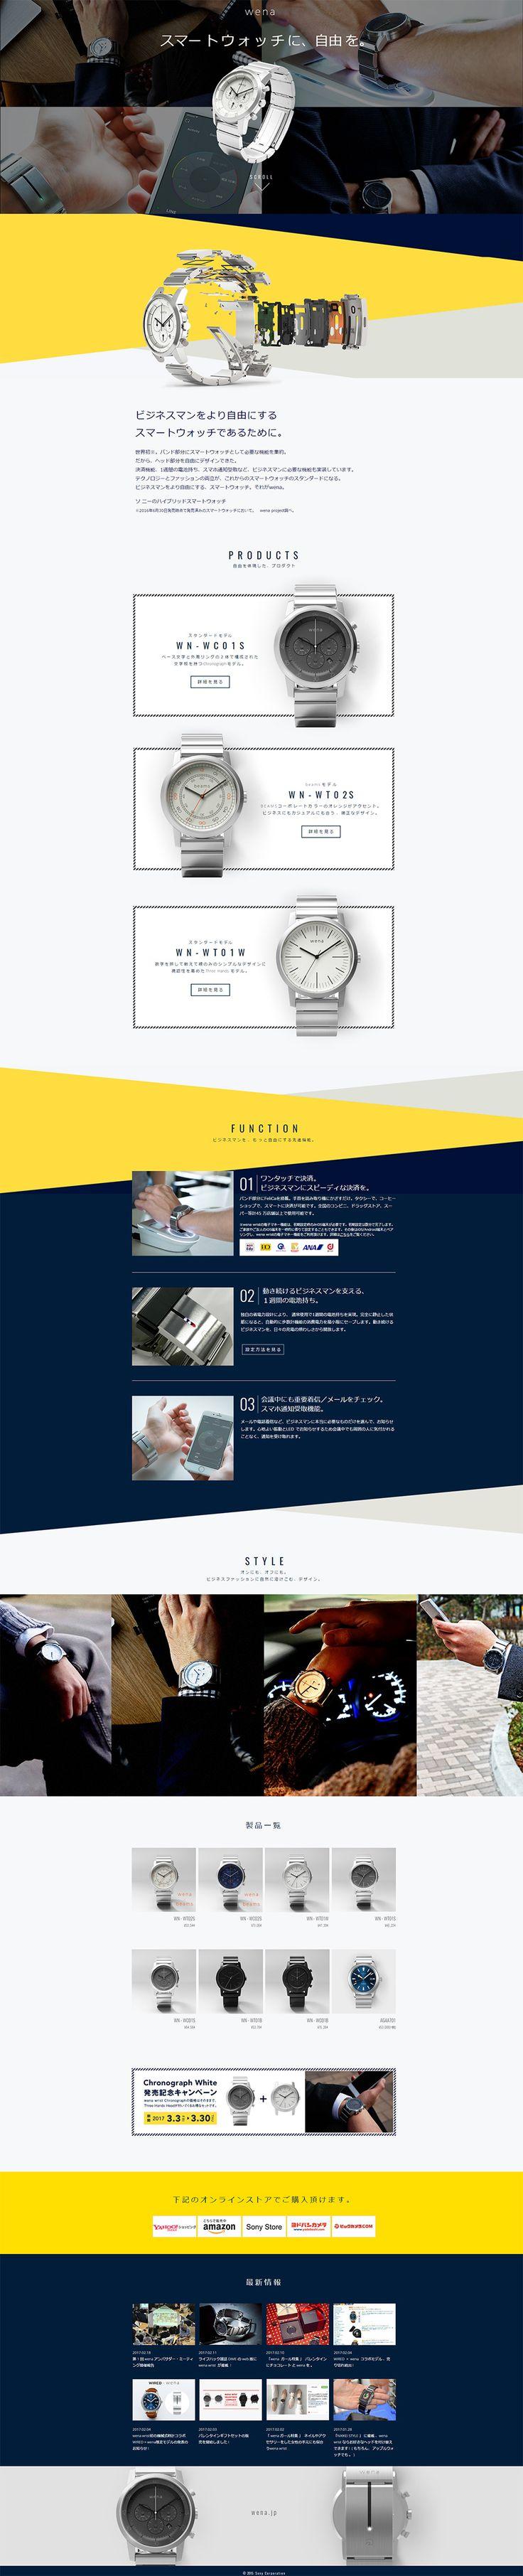 WENA【日用雑貨関連】のLPデザイン。WEBデザイナーさん必見!ランディングページのデザイン参考に(キレイ系)